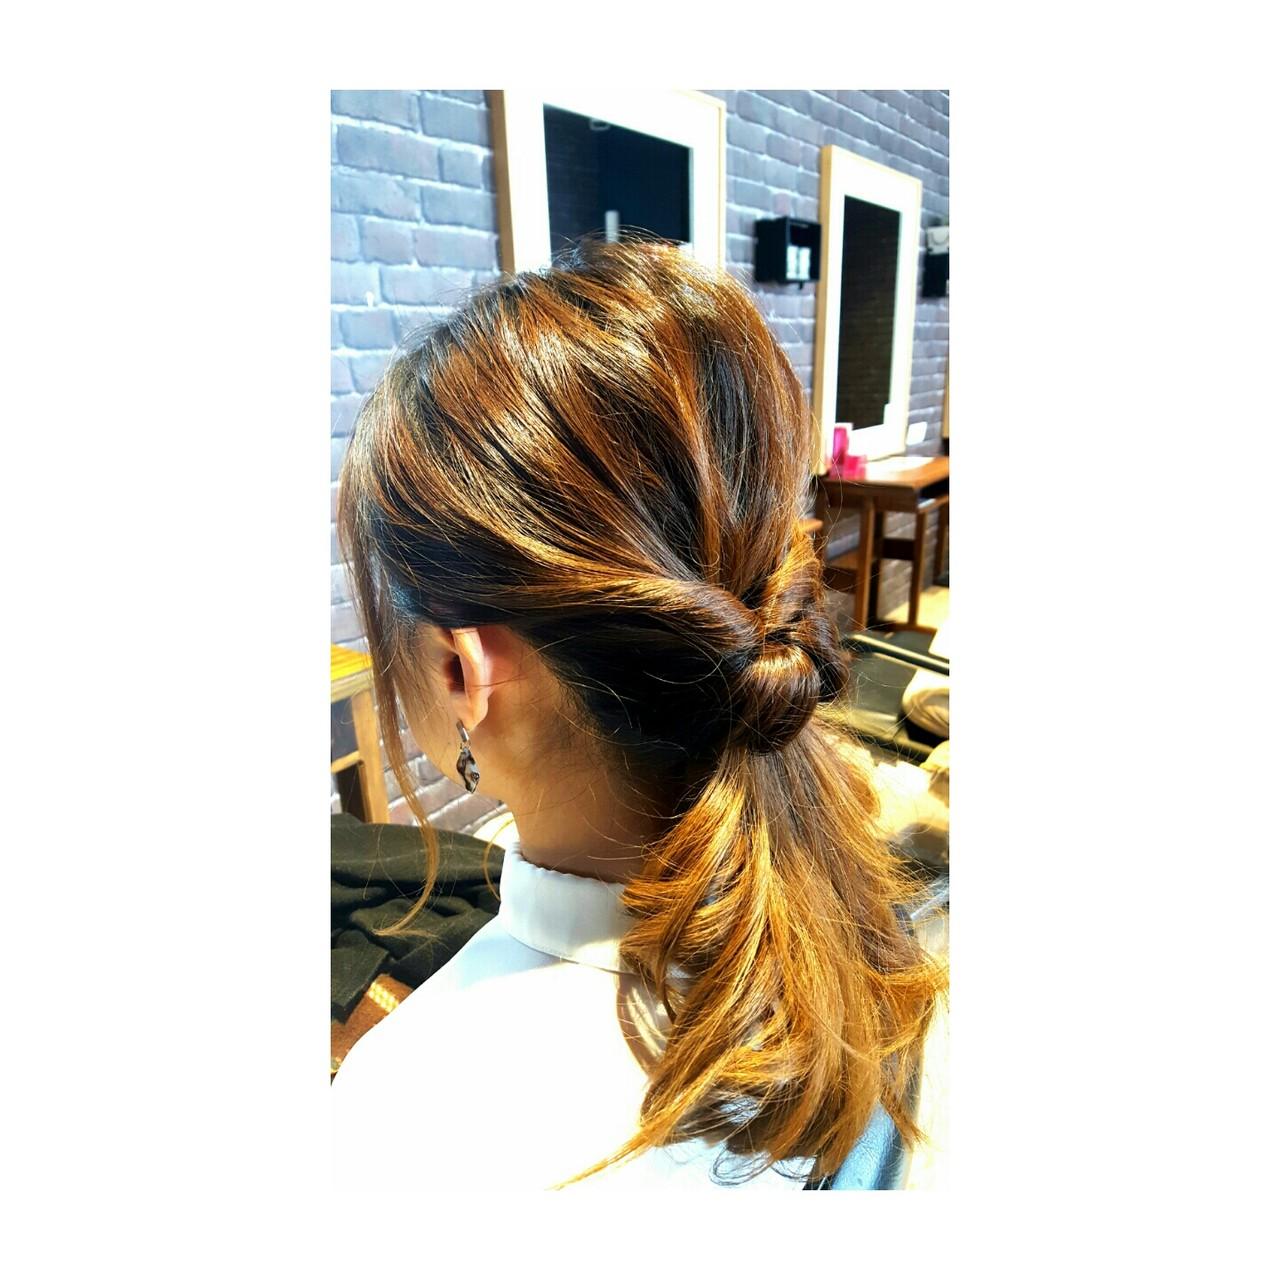 ナチュラル 巻き髪 セミロング 簡単ヘアアレンジ ヘアスタイルや髪型の写真・画像